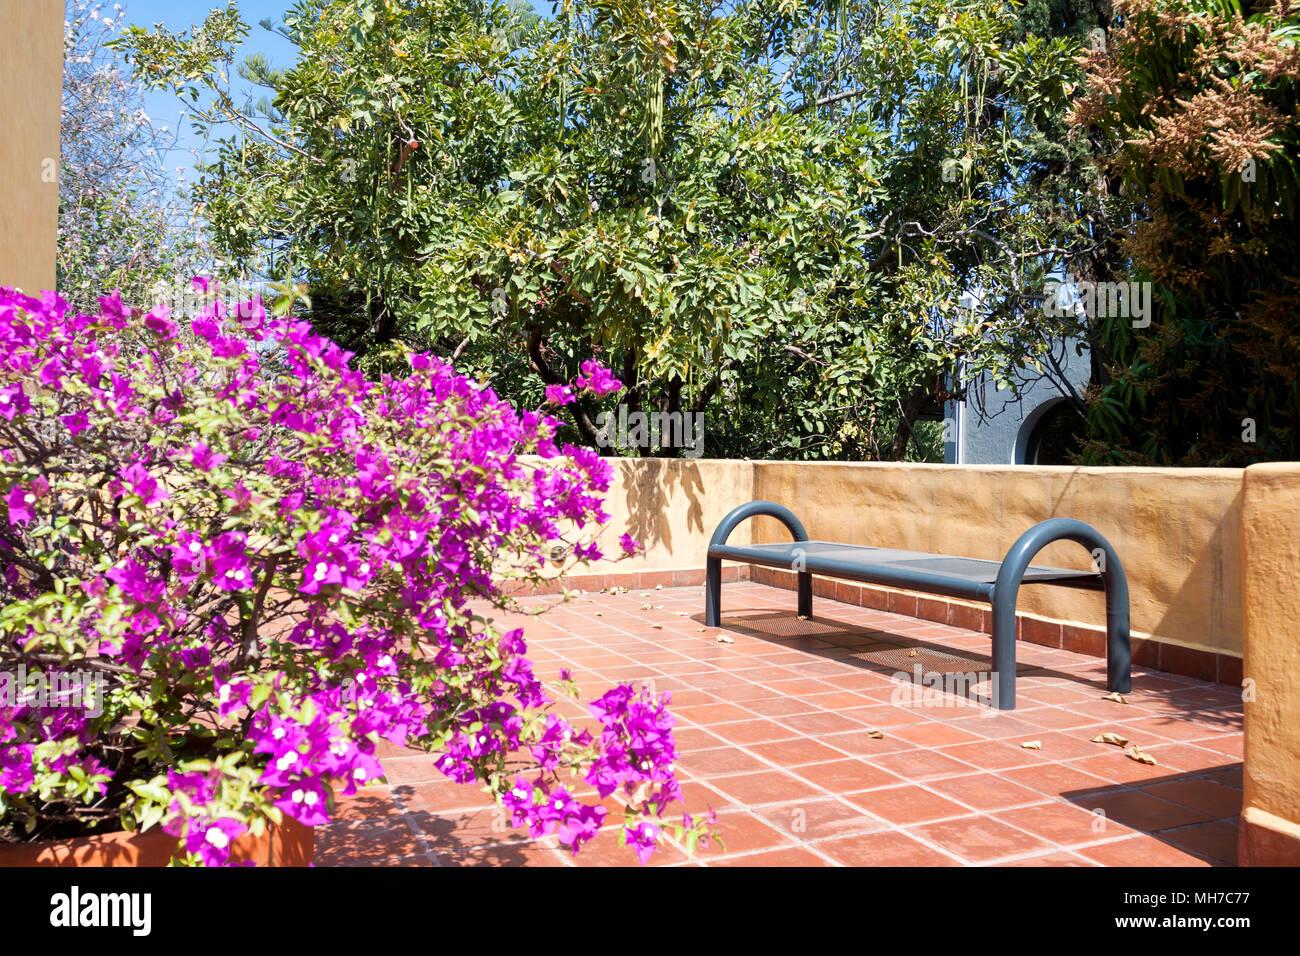 Terrazza Arredata Con Piante Tropicali Guadalajara Jalisco Messico Foto Stock Alamy